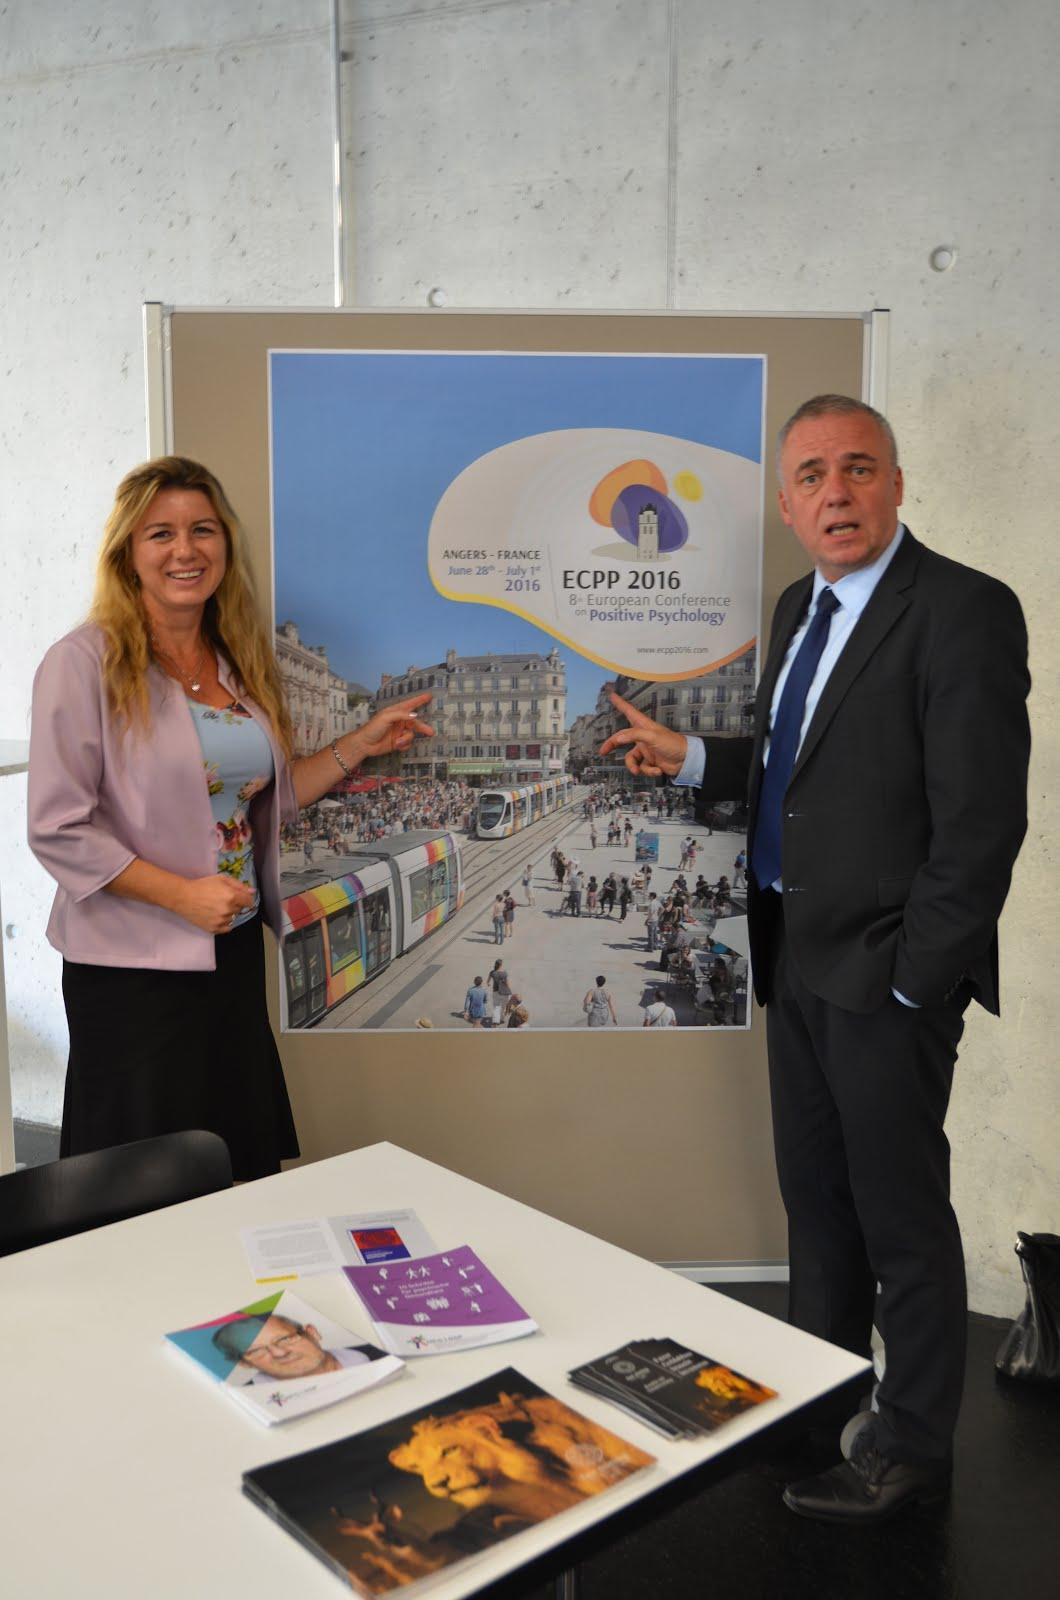 Promotion de l'ECPP 2016 lors du congrès sur l'espoir à Bern, en septembre 2015 !